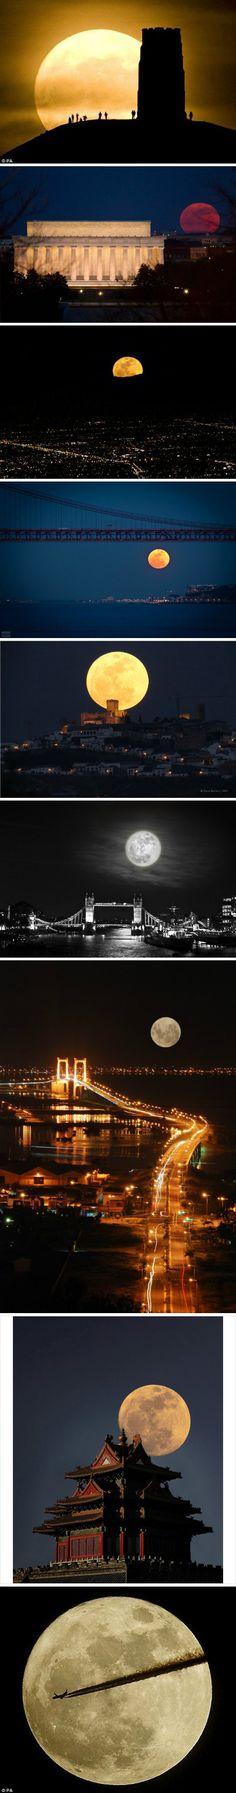 supermoon around the world chacun a sa plien lune ;) Warter de  http://www.plombier-paris-artisan.fr/